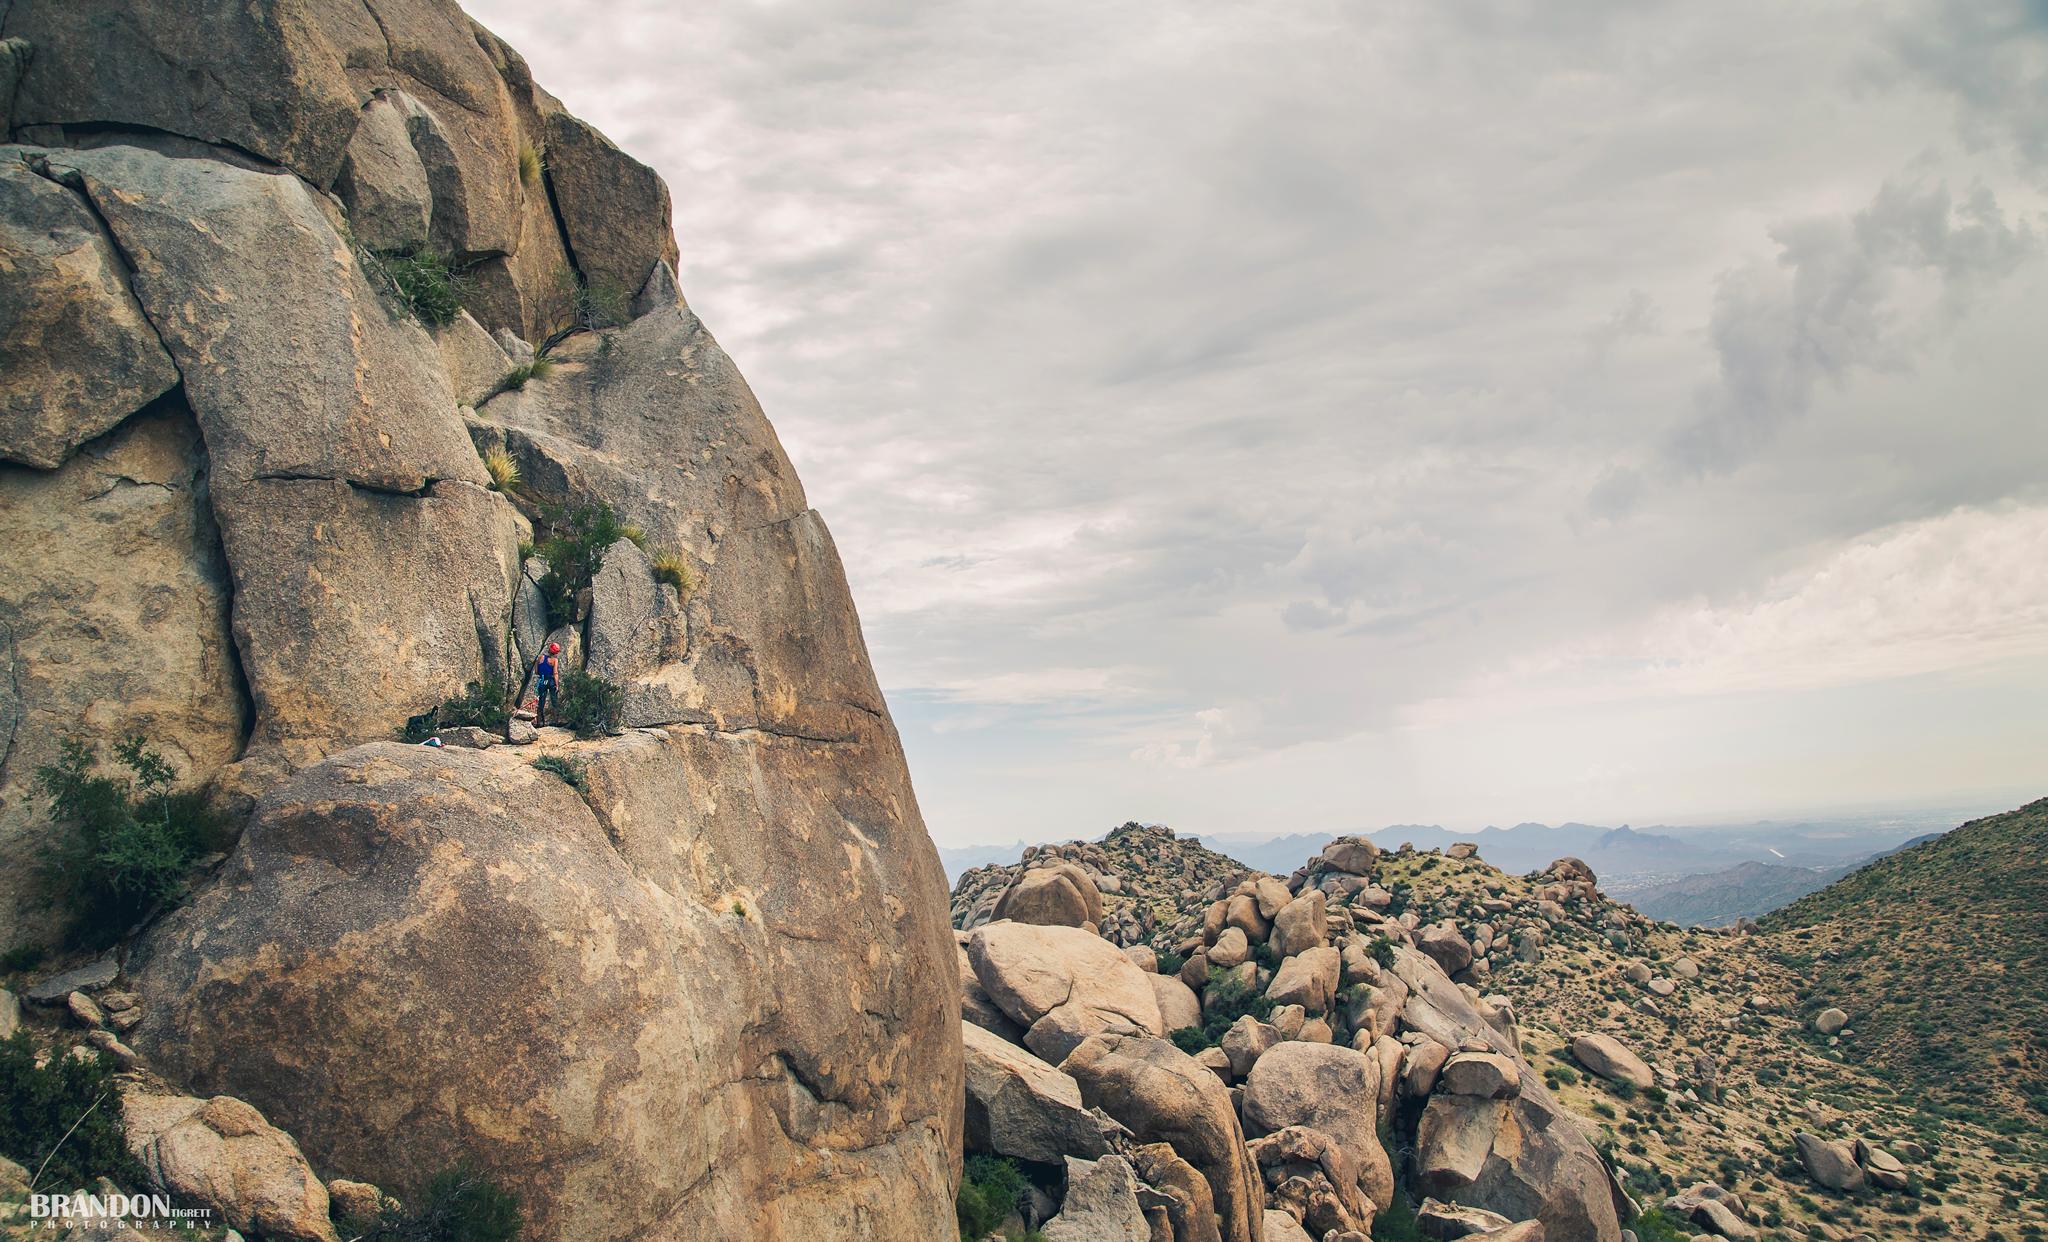 Climber on the edge - belay